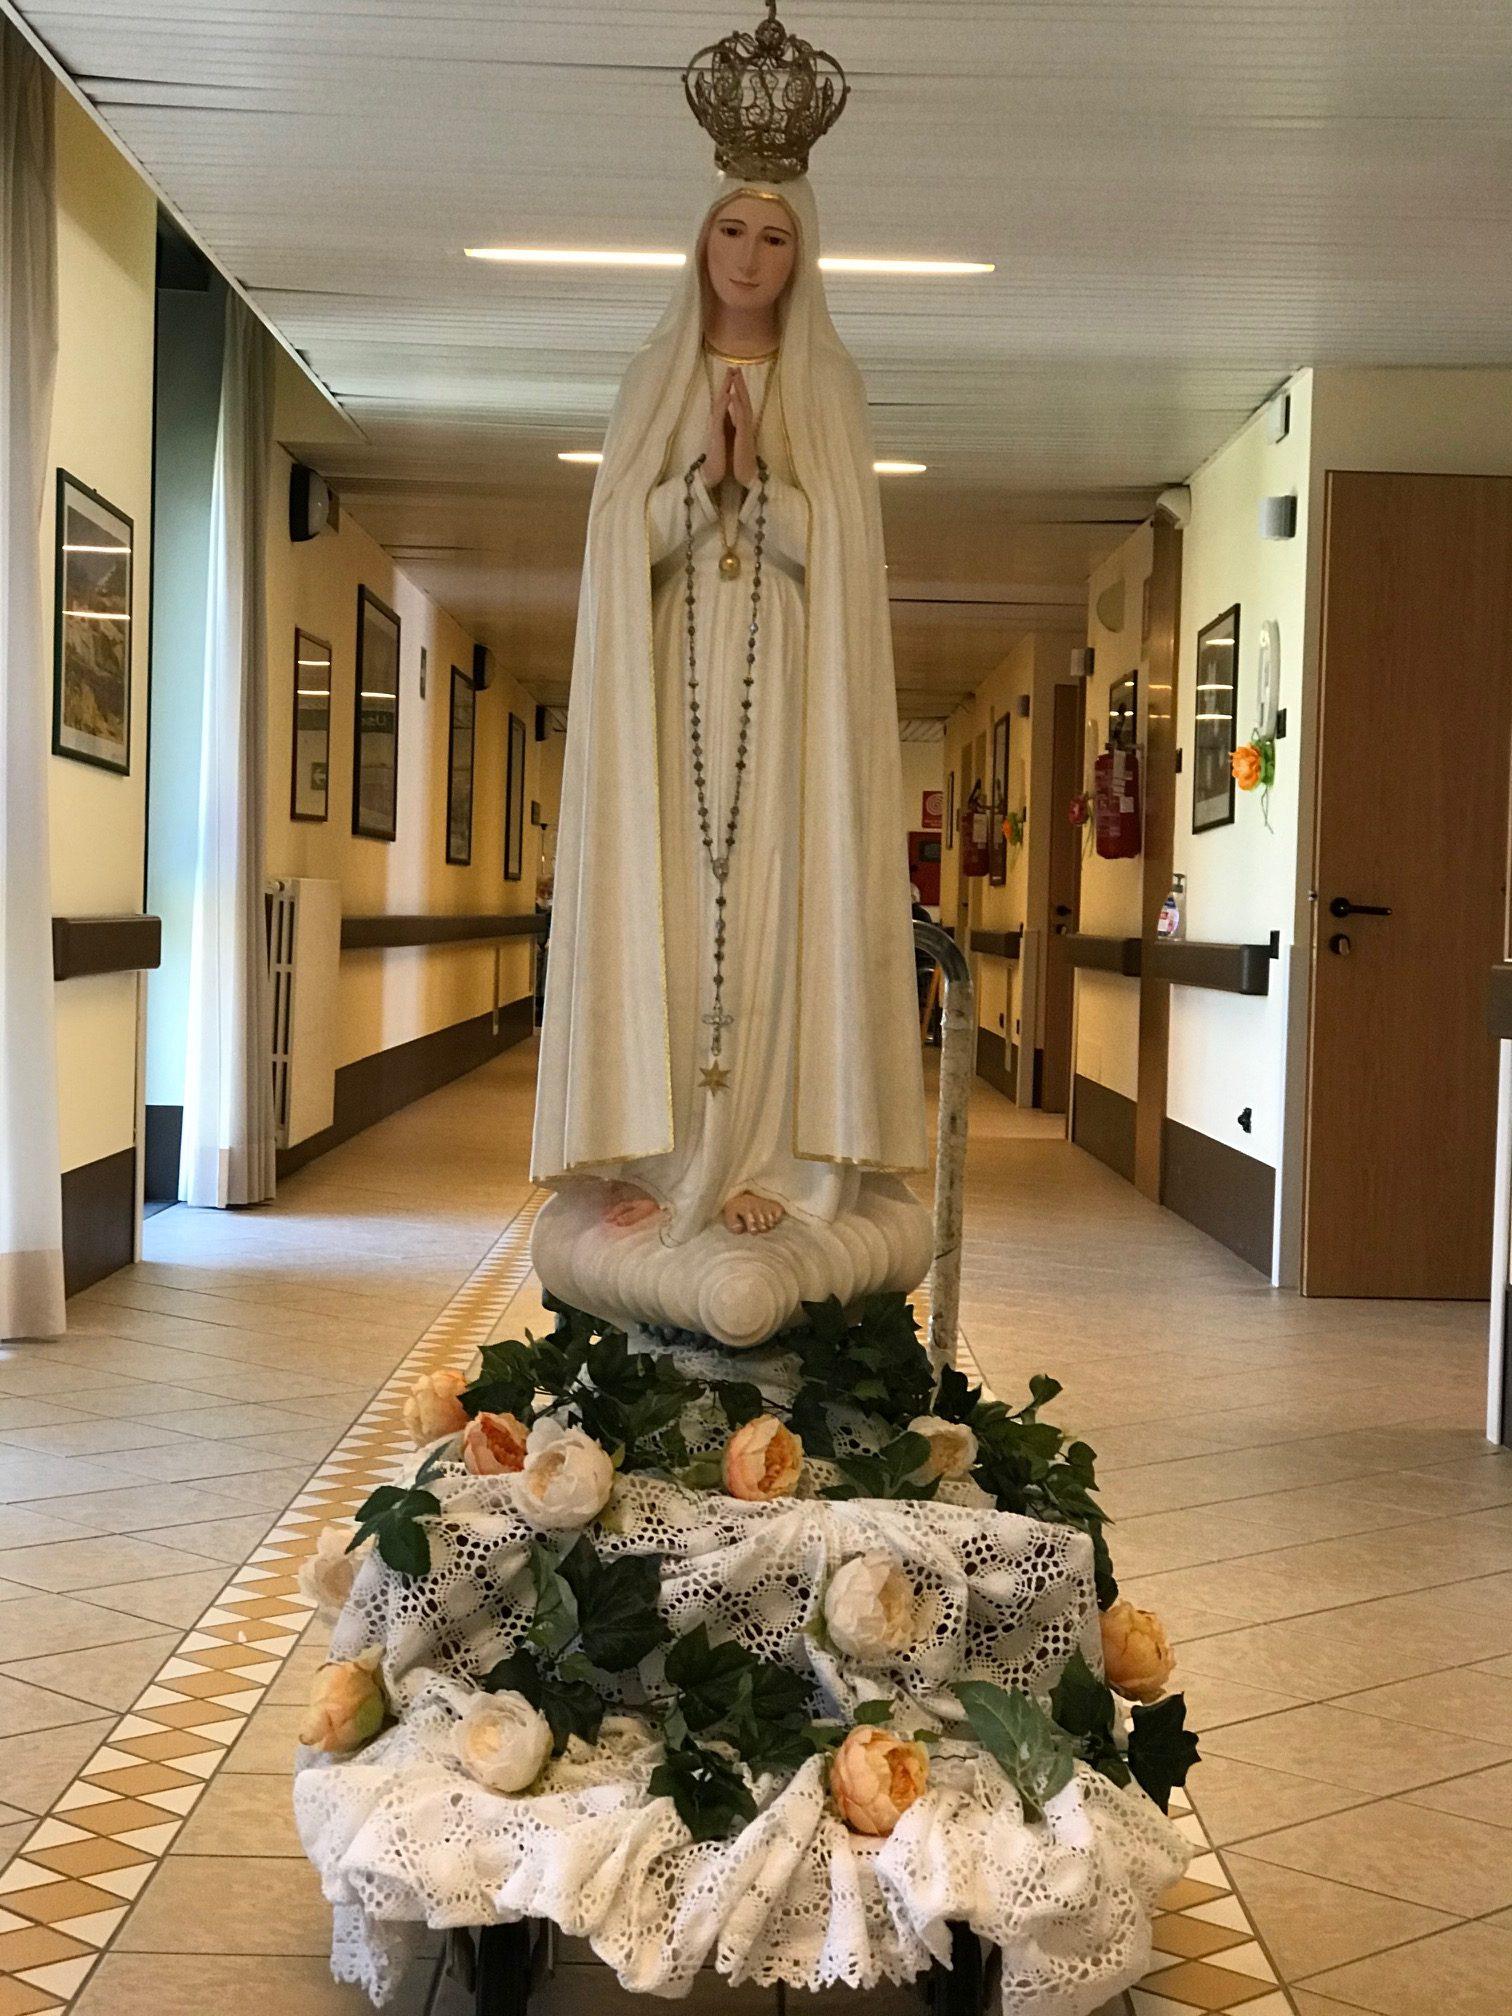 La Statuetta della Madonna di Fatima